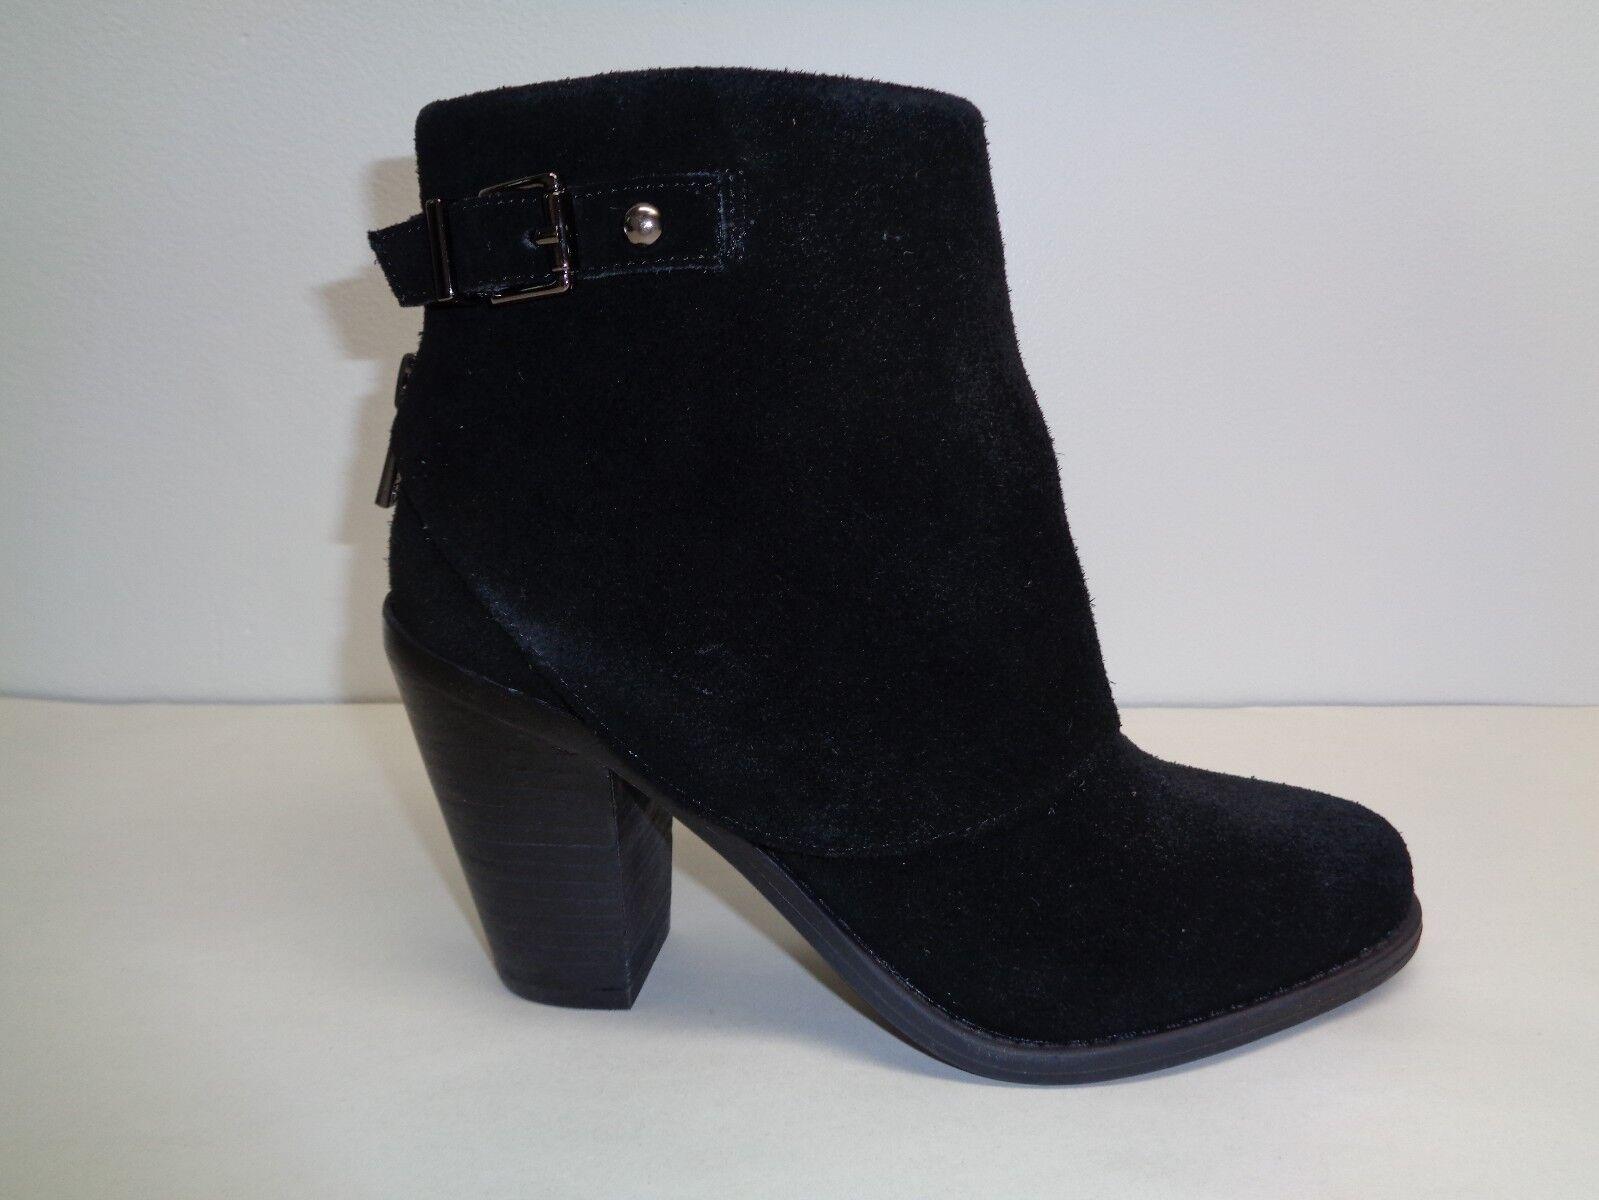 Jessica Simpson Talla 7.5 cassley Negro botas botas botas al Tobillo Gamuza Split Nuevos Zapatos para mujer  connotación de lujo discreta